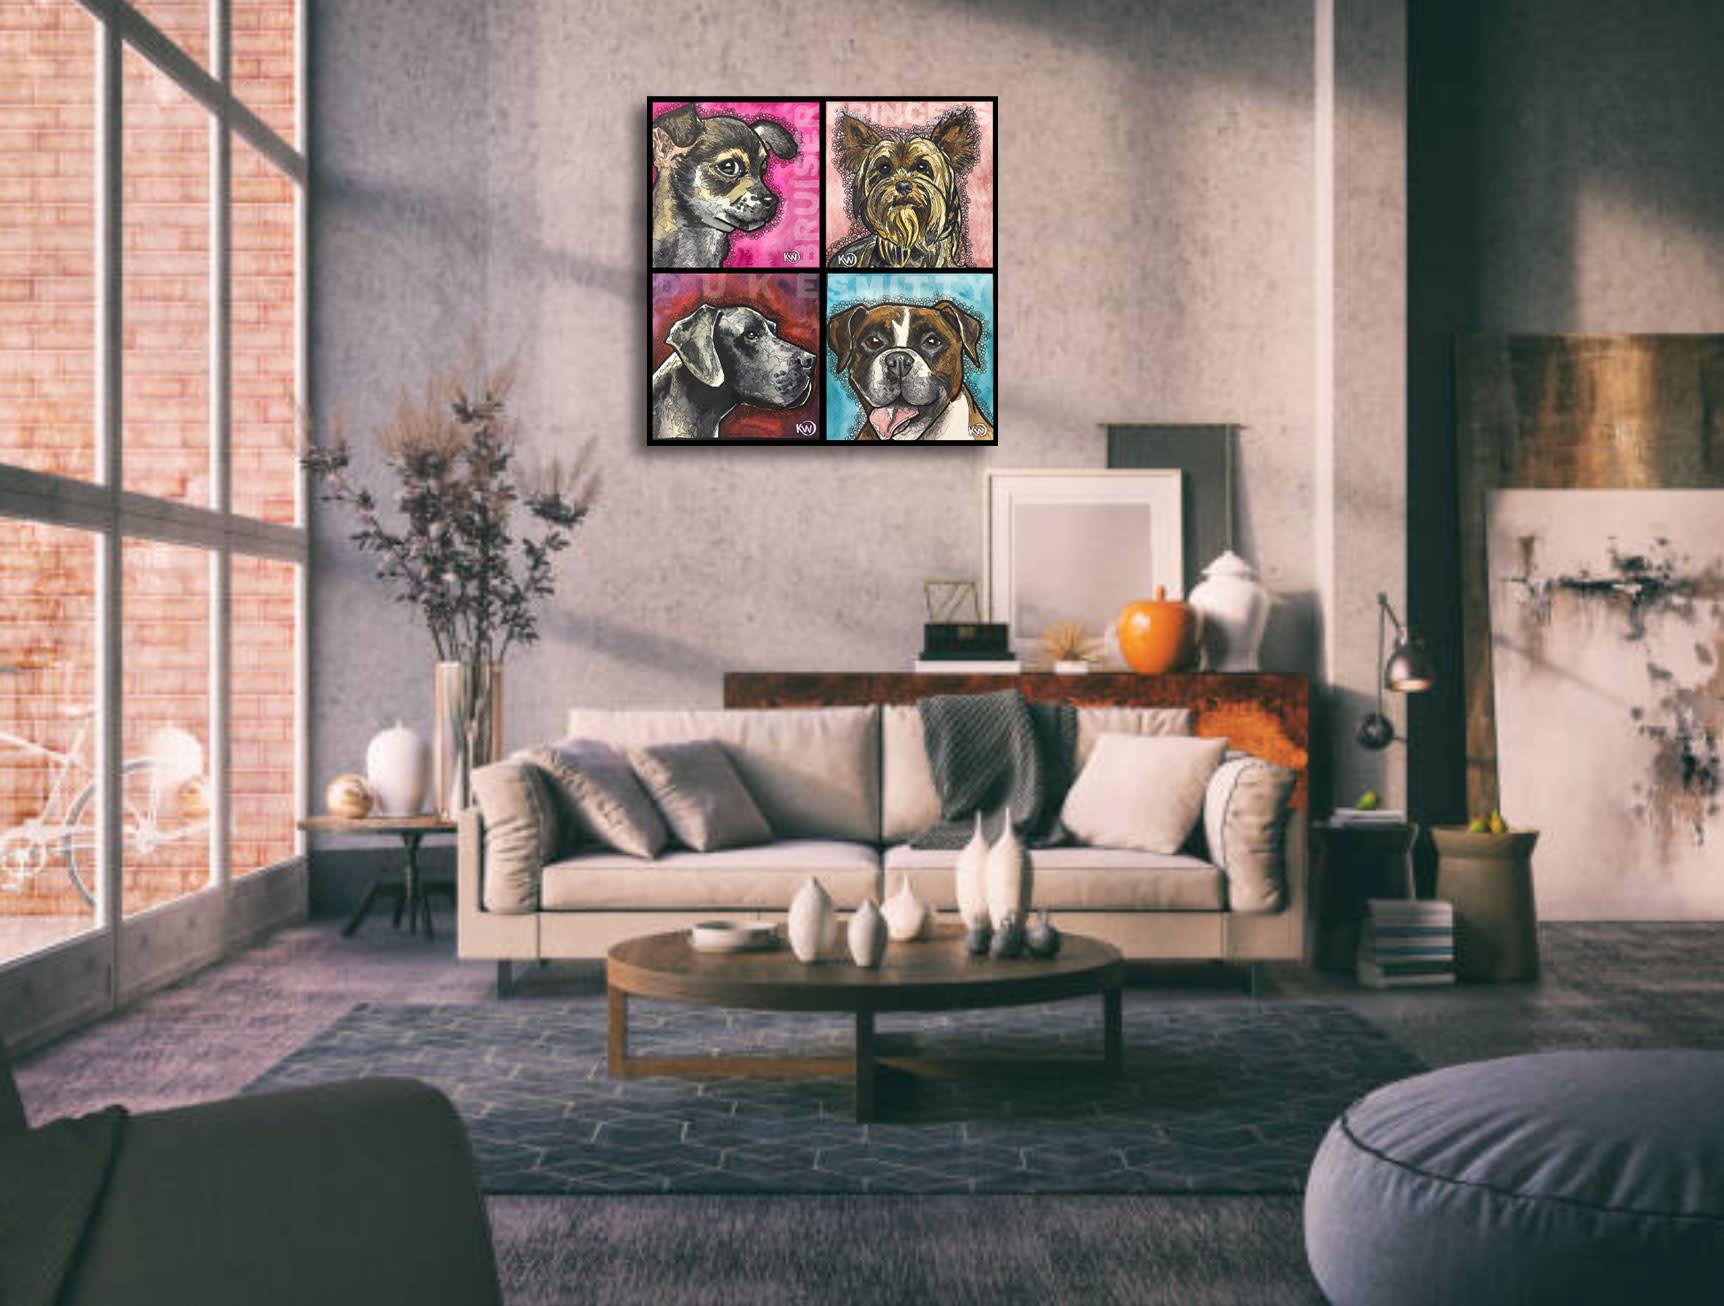 Petportrait 2x2 window o5vqjc